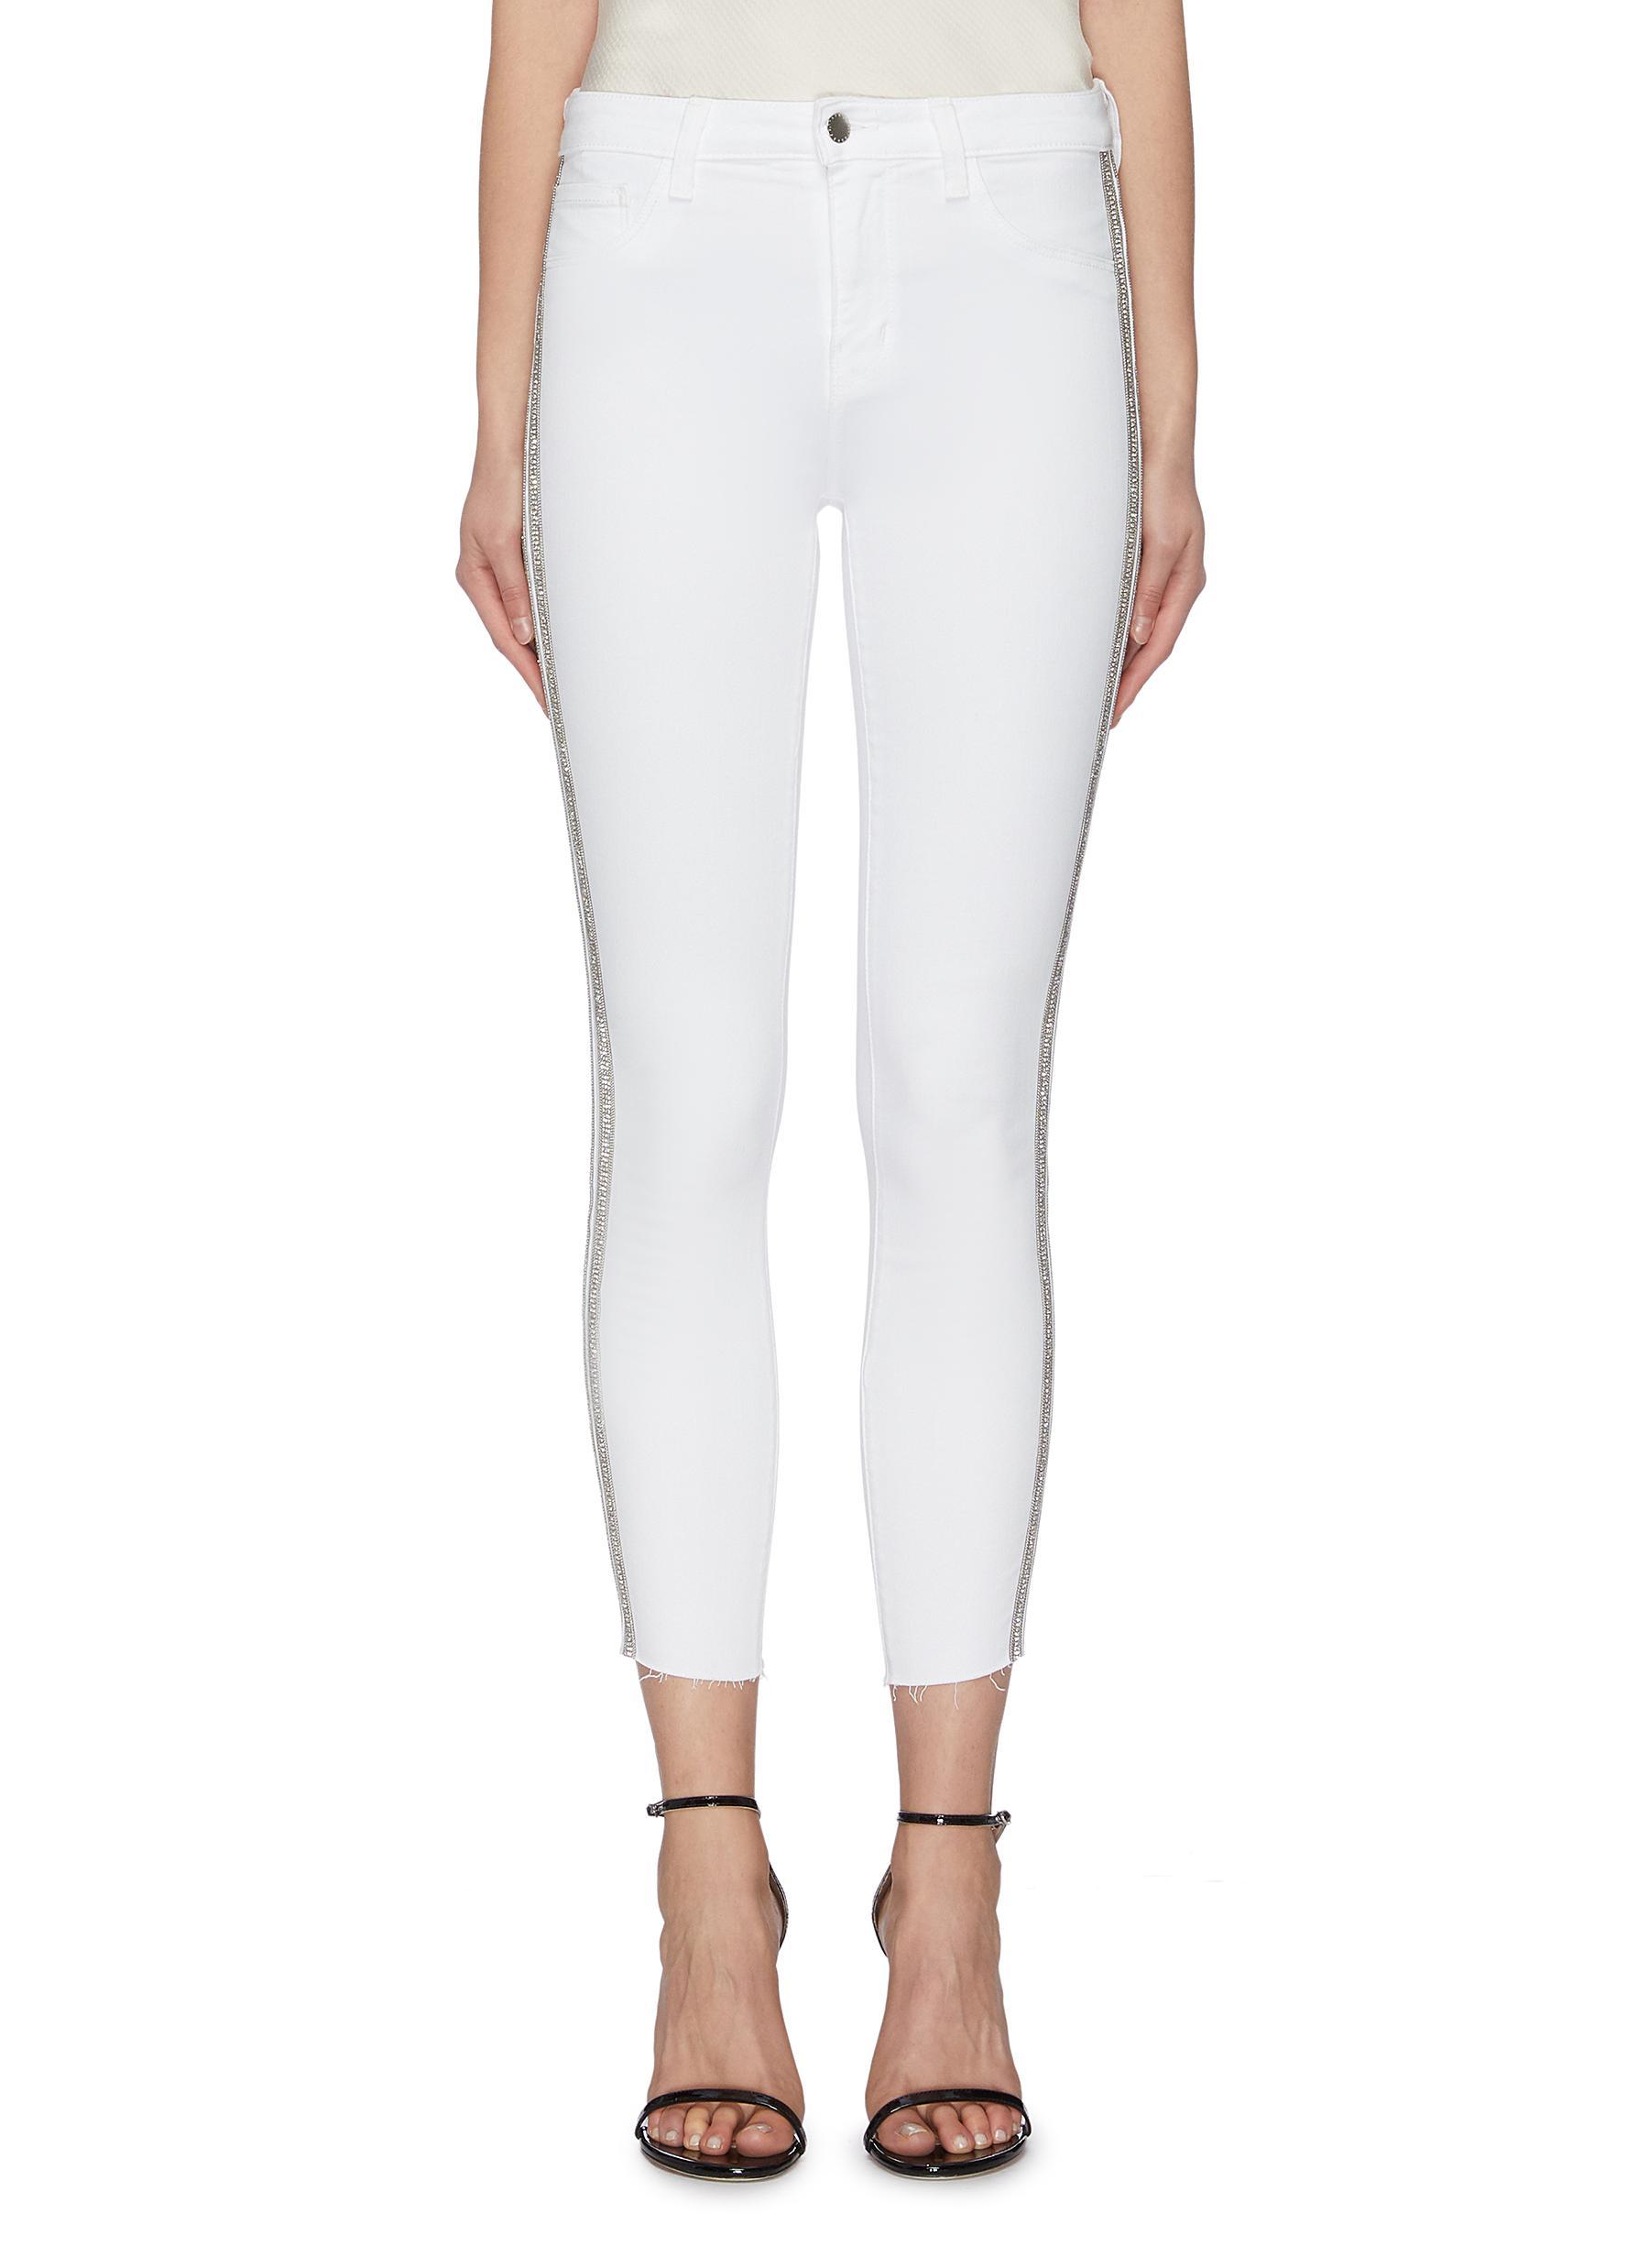 shop L'Agence 'Margot' embellished tuxedo stripe skinny jeans online